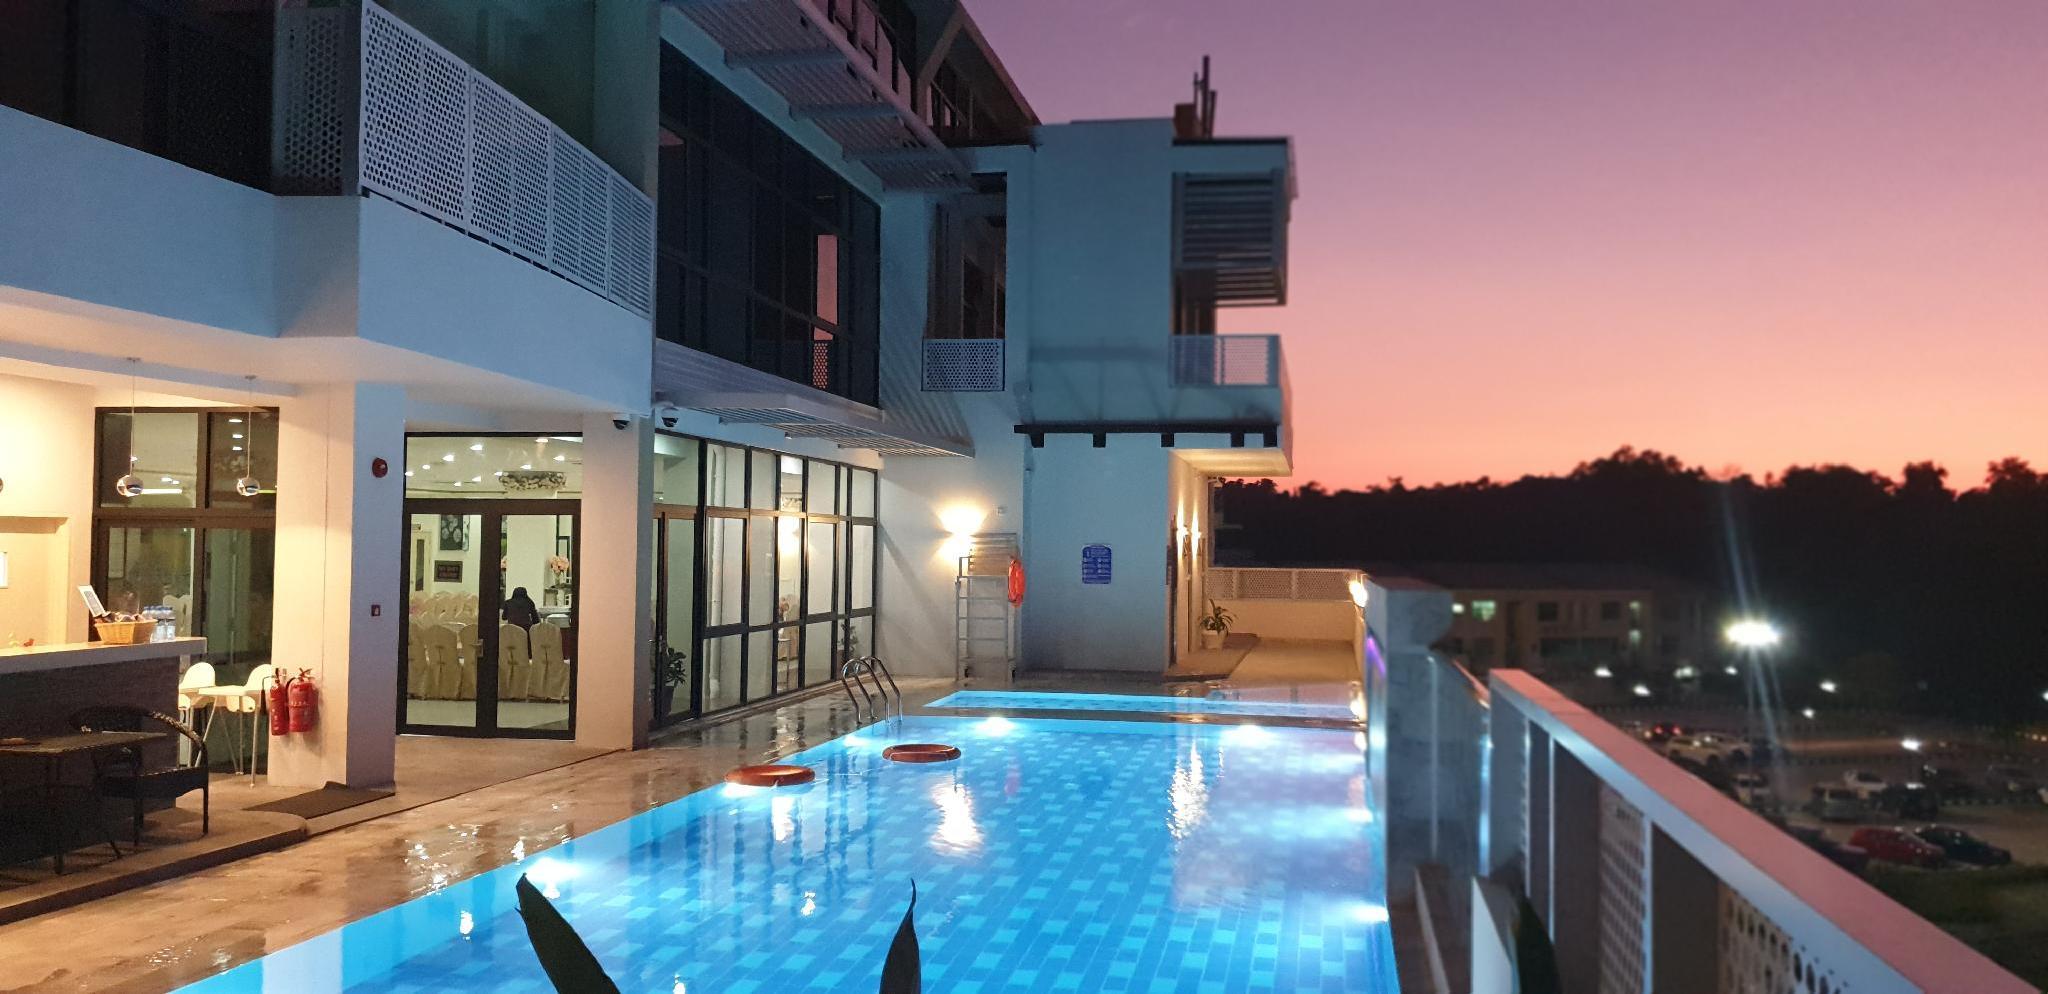 Wafa Hotel And Apartment